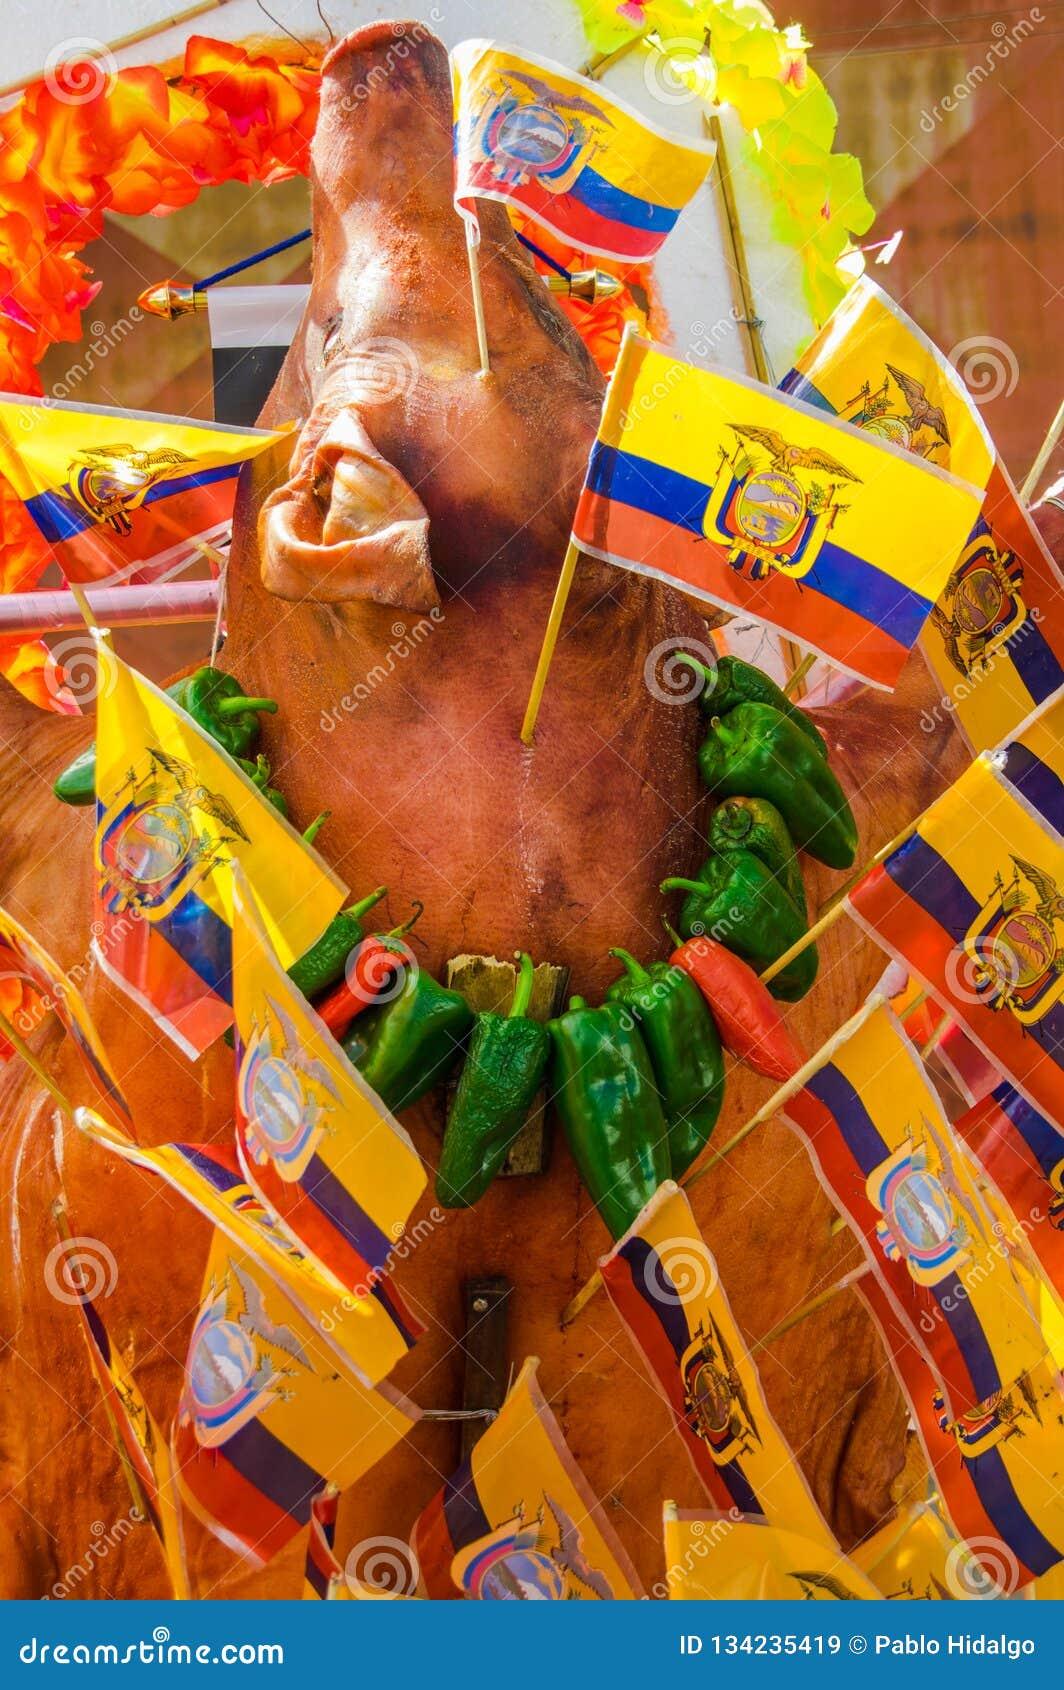 Au-dessus de la vue du corps de porc de roaste avec les drapeaux ecuadorian autour du corps et les poivrons magnifiques autour du